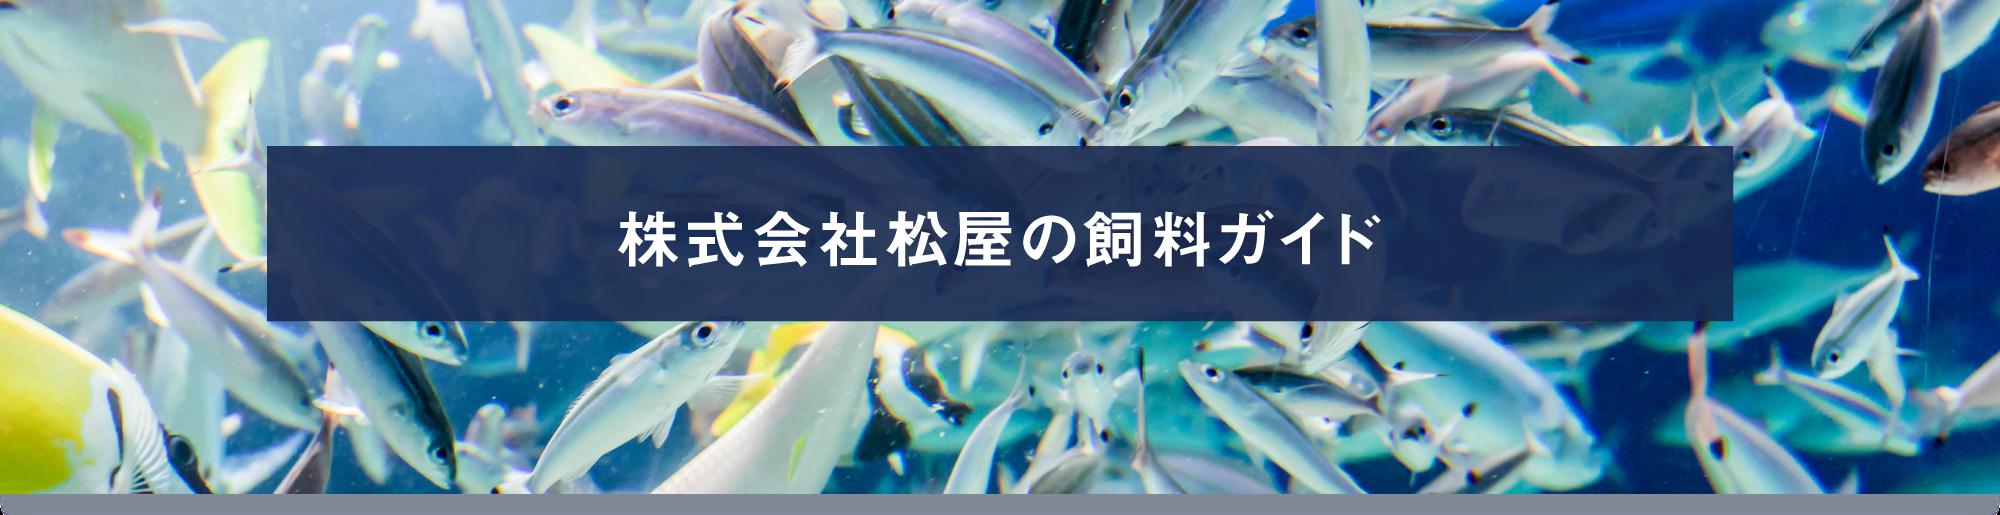 株式会社松屋の飼料ガイド